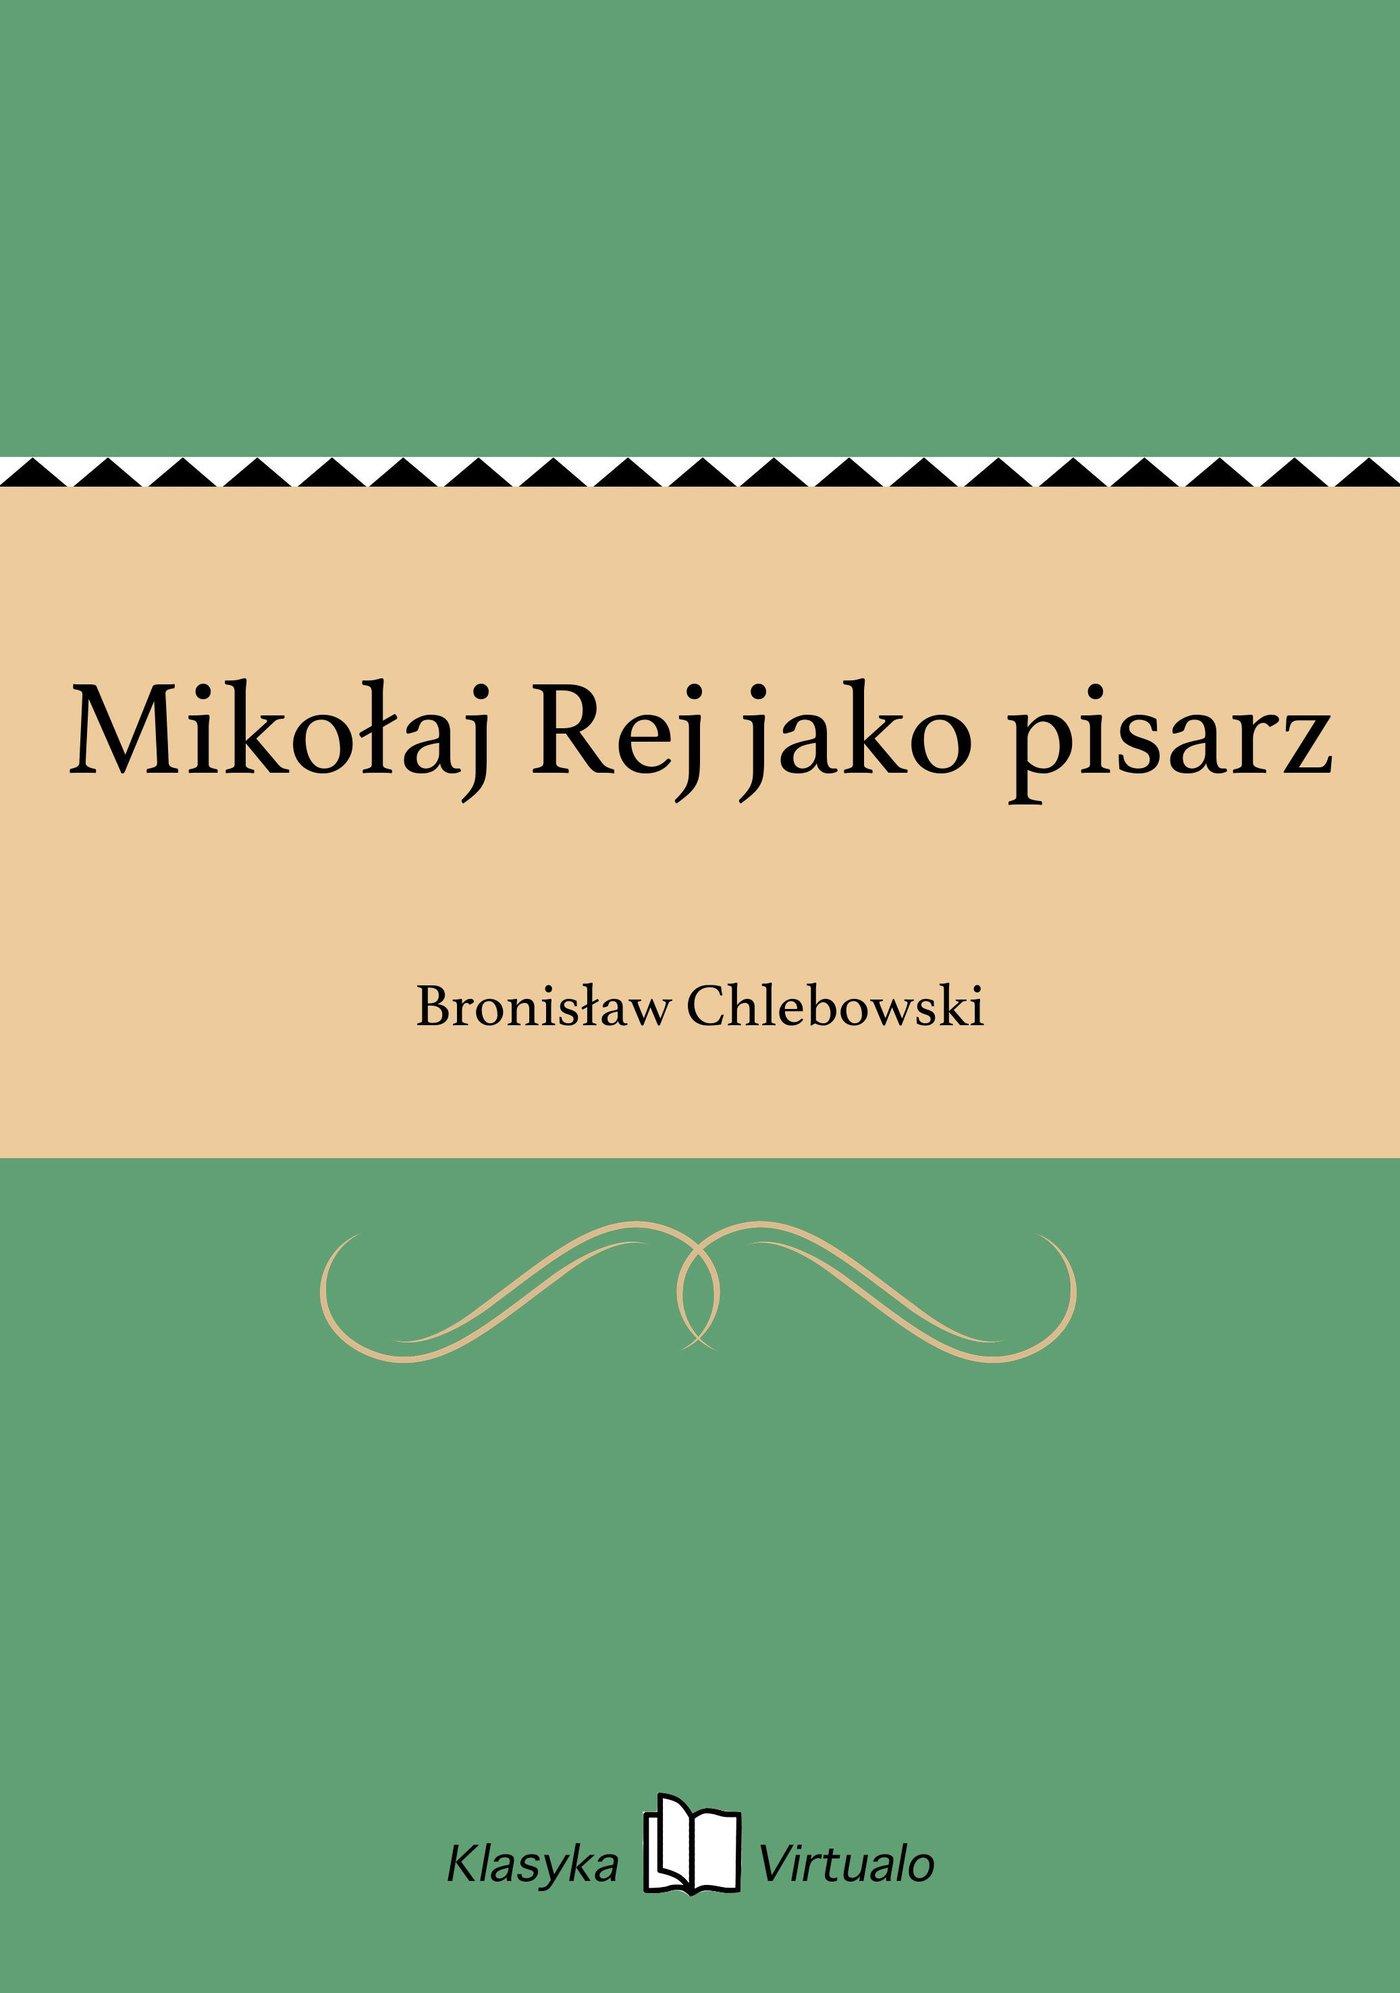 Mikołaj Rej jako pisarz - Ebook (Książka EPUB) do pobrania w formacie EPUB